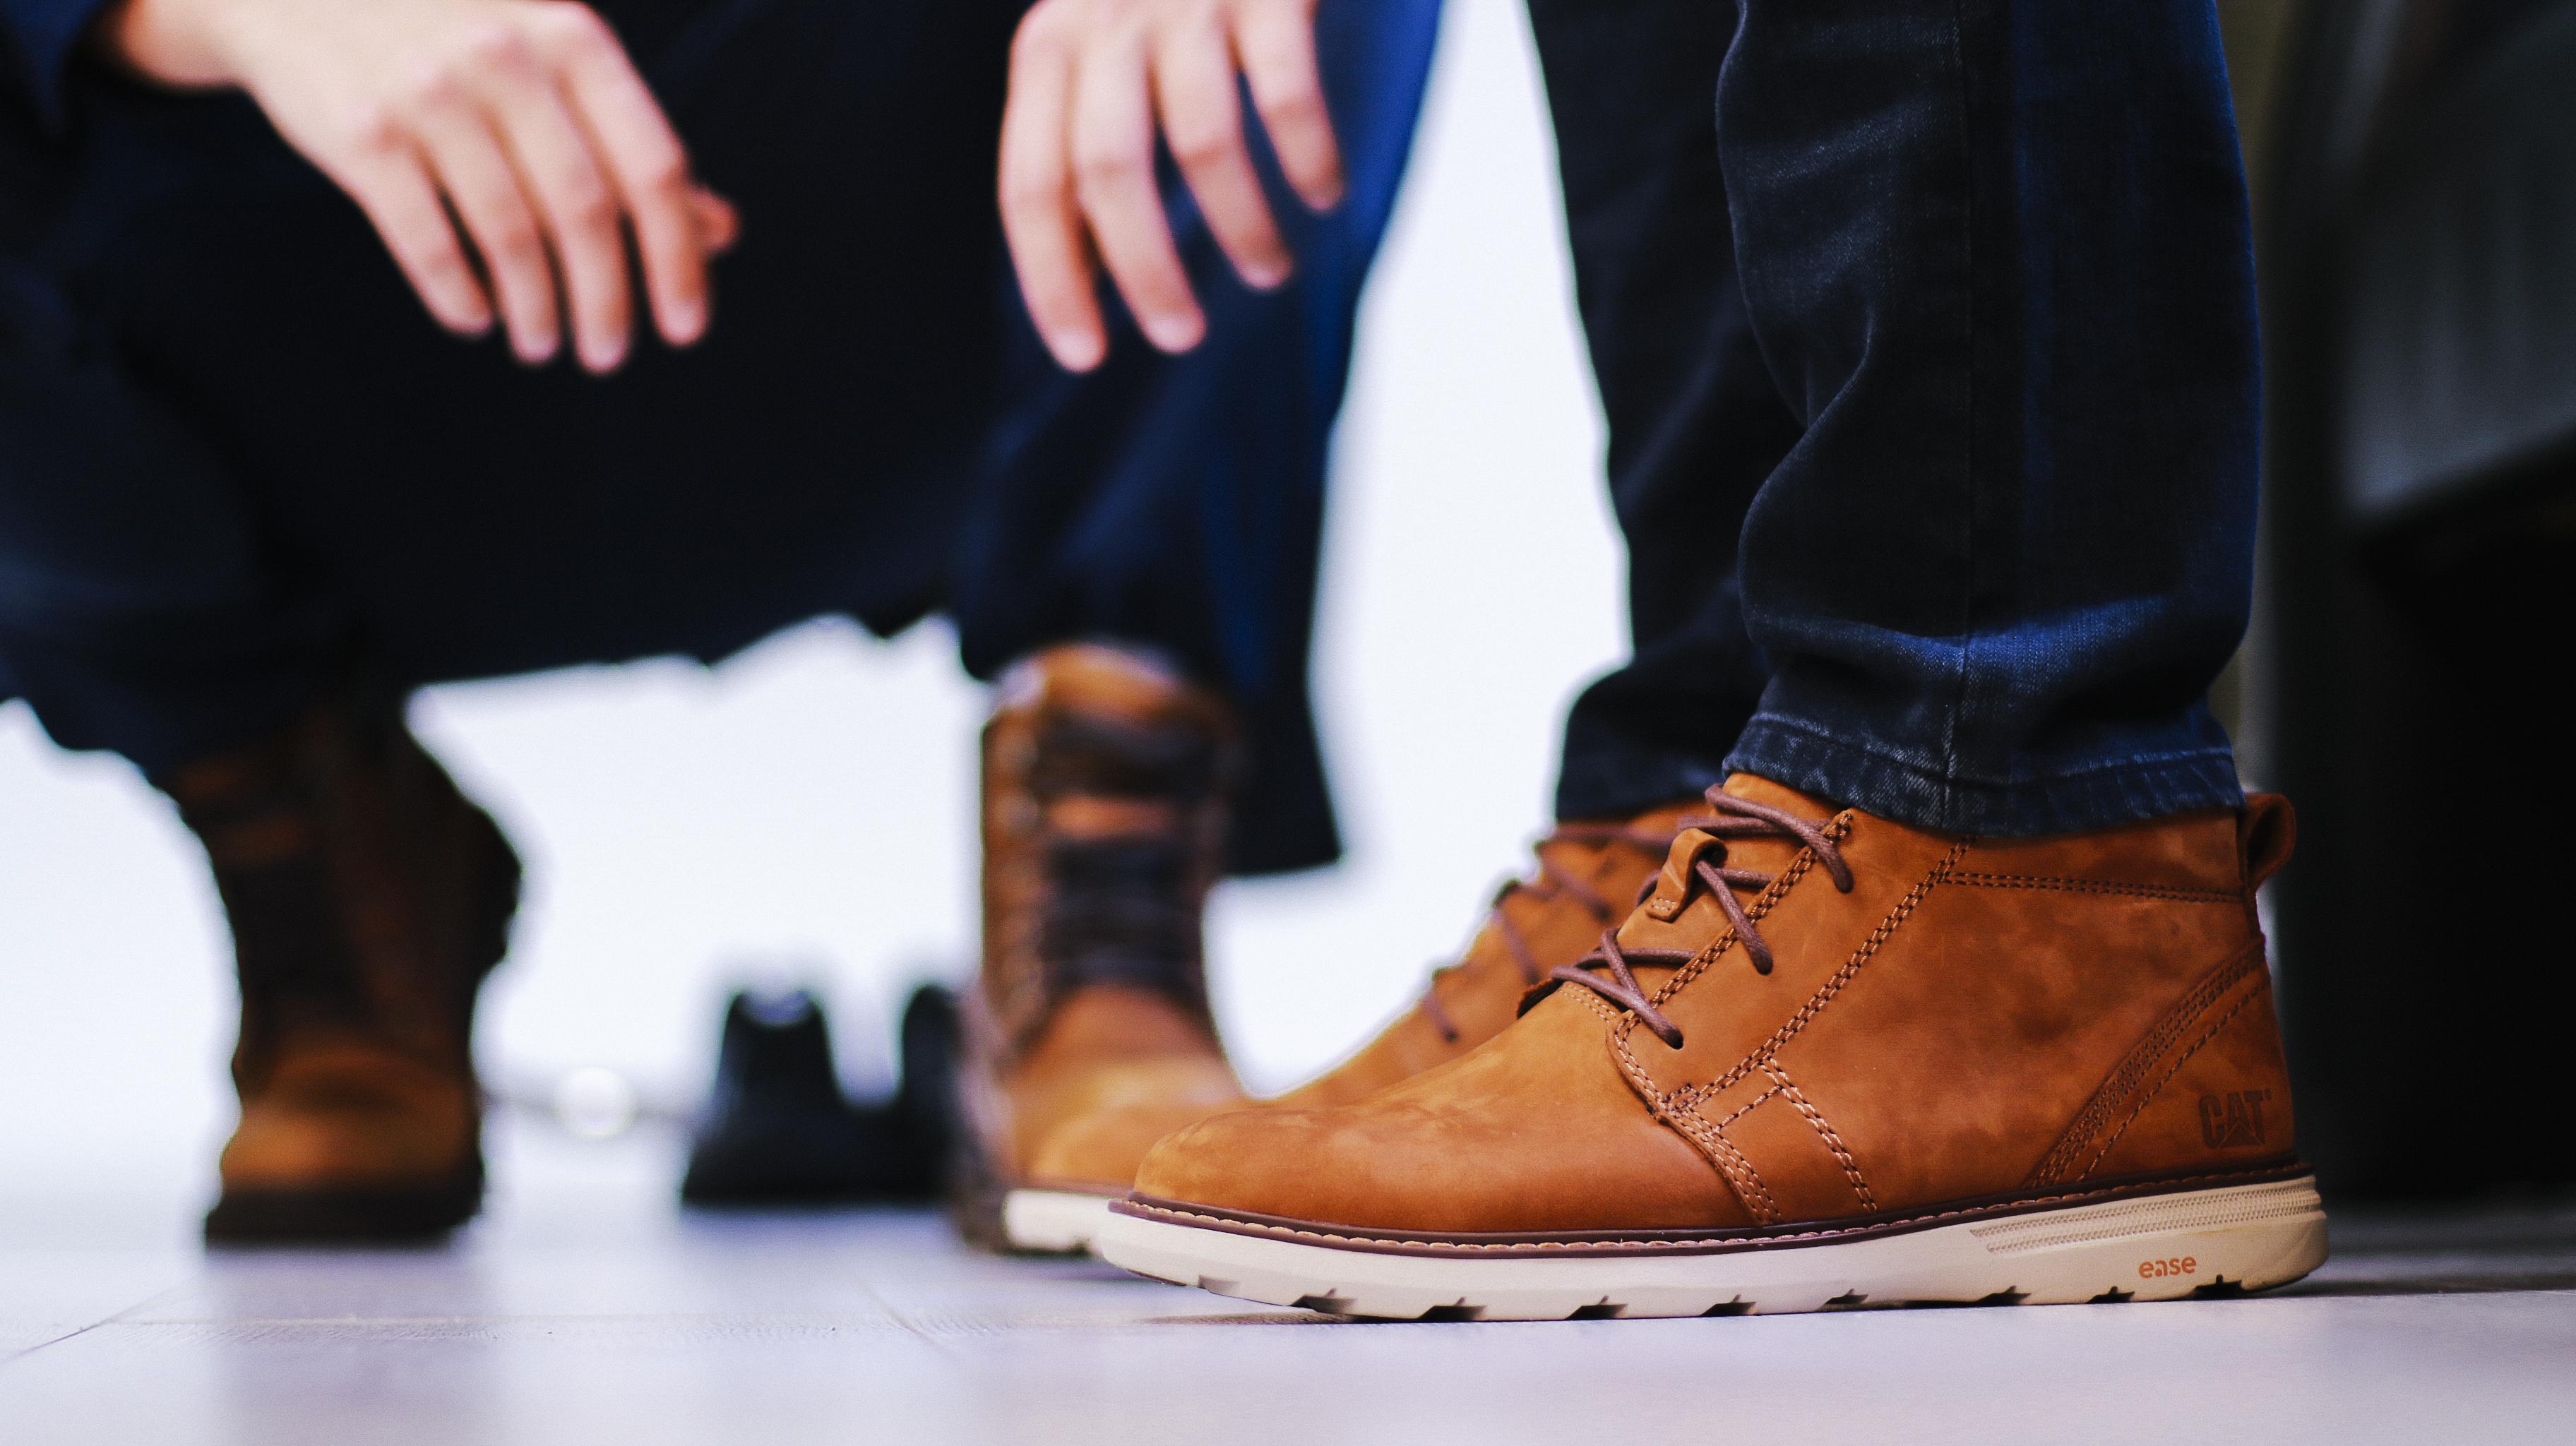 02366b1fcf0b5 Jedną z firm, która za cel stawia sobie zapewnienie najwyższego komfortu  użytkowania swoich butów, jest Cat Footwear – marka z silnymi tradycjami i  mocnym ...